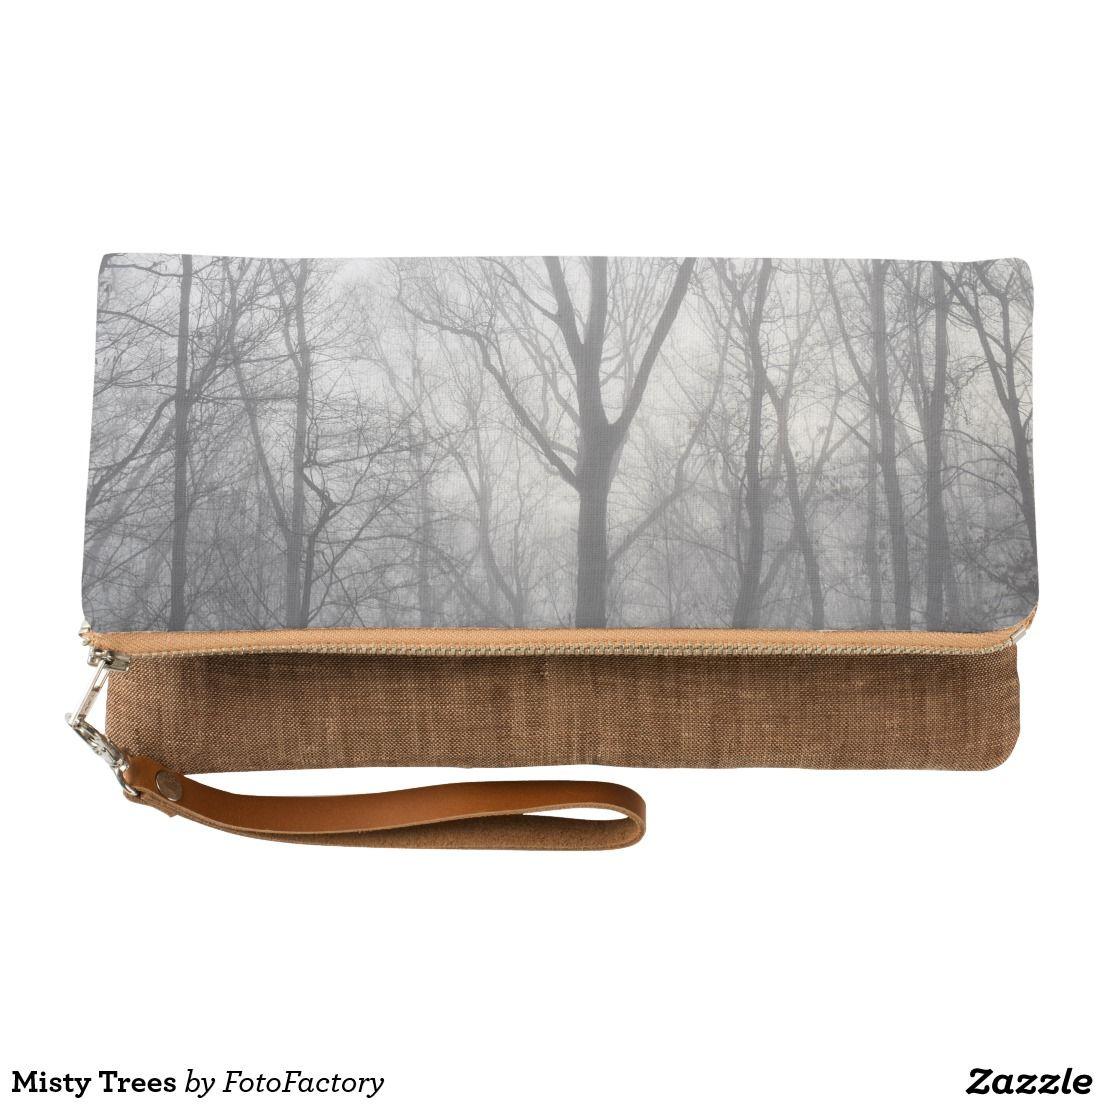 Misty Trees Clutch